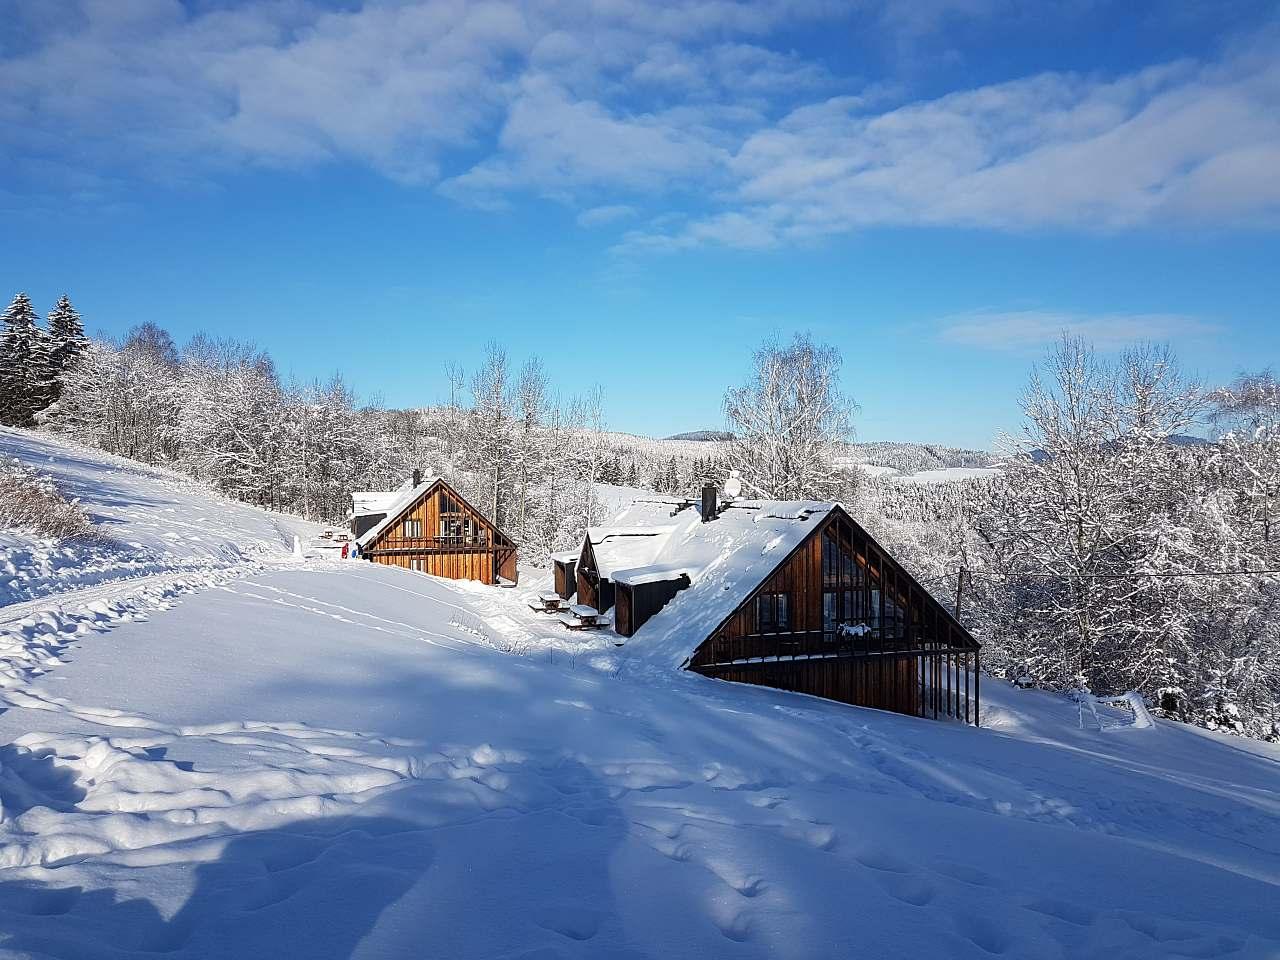 letní zima připojit horkou vodu Island seznamka aplikace